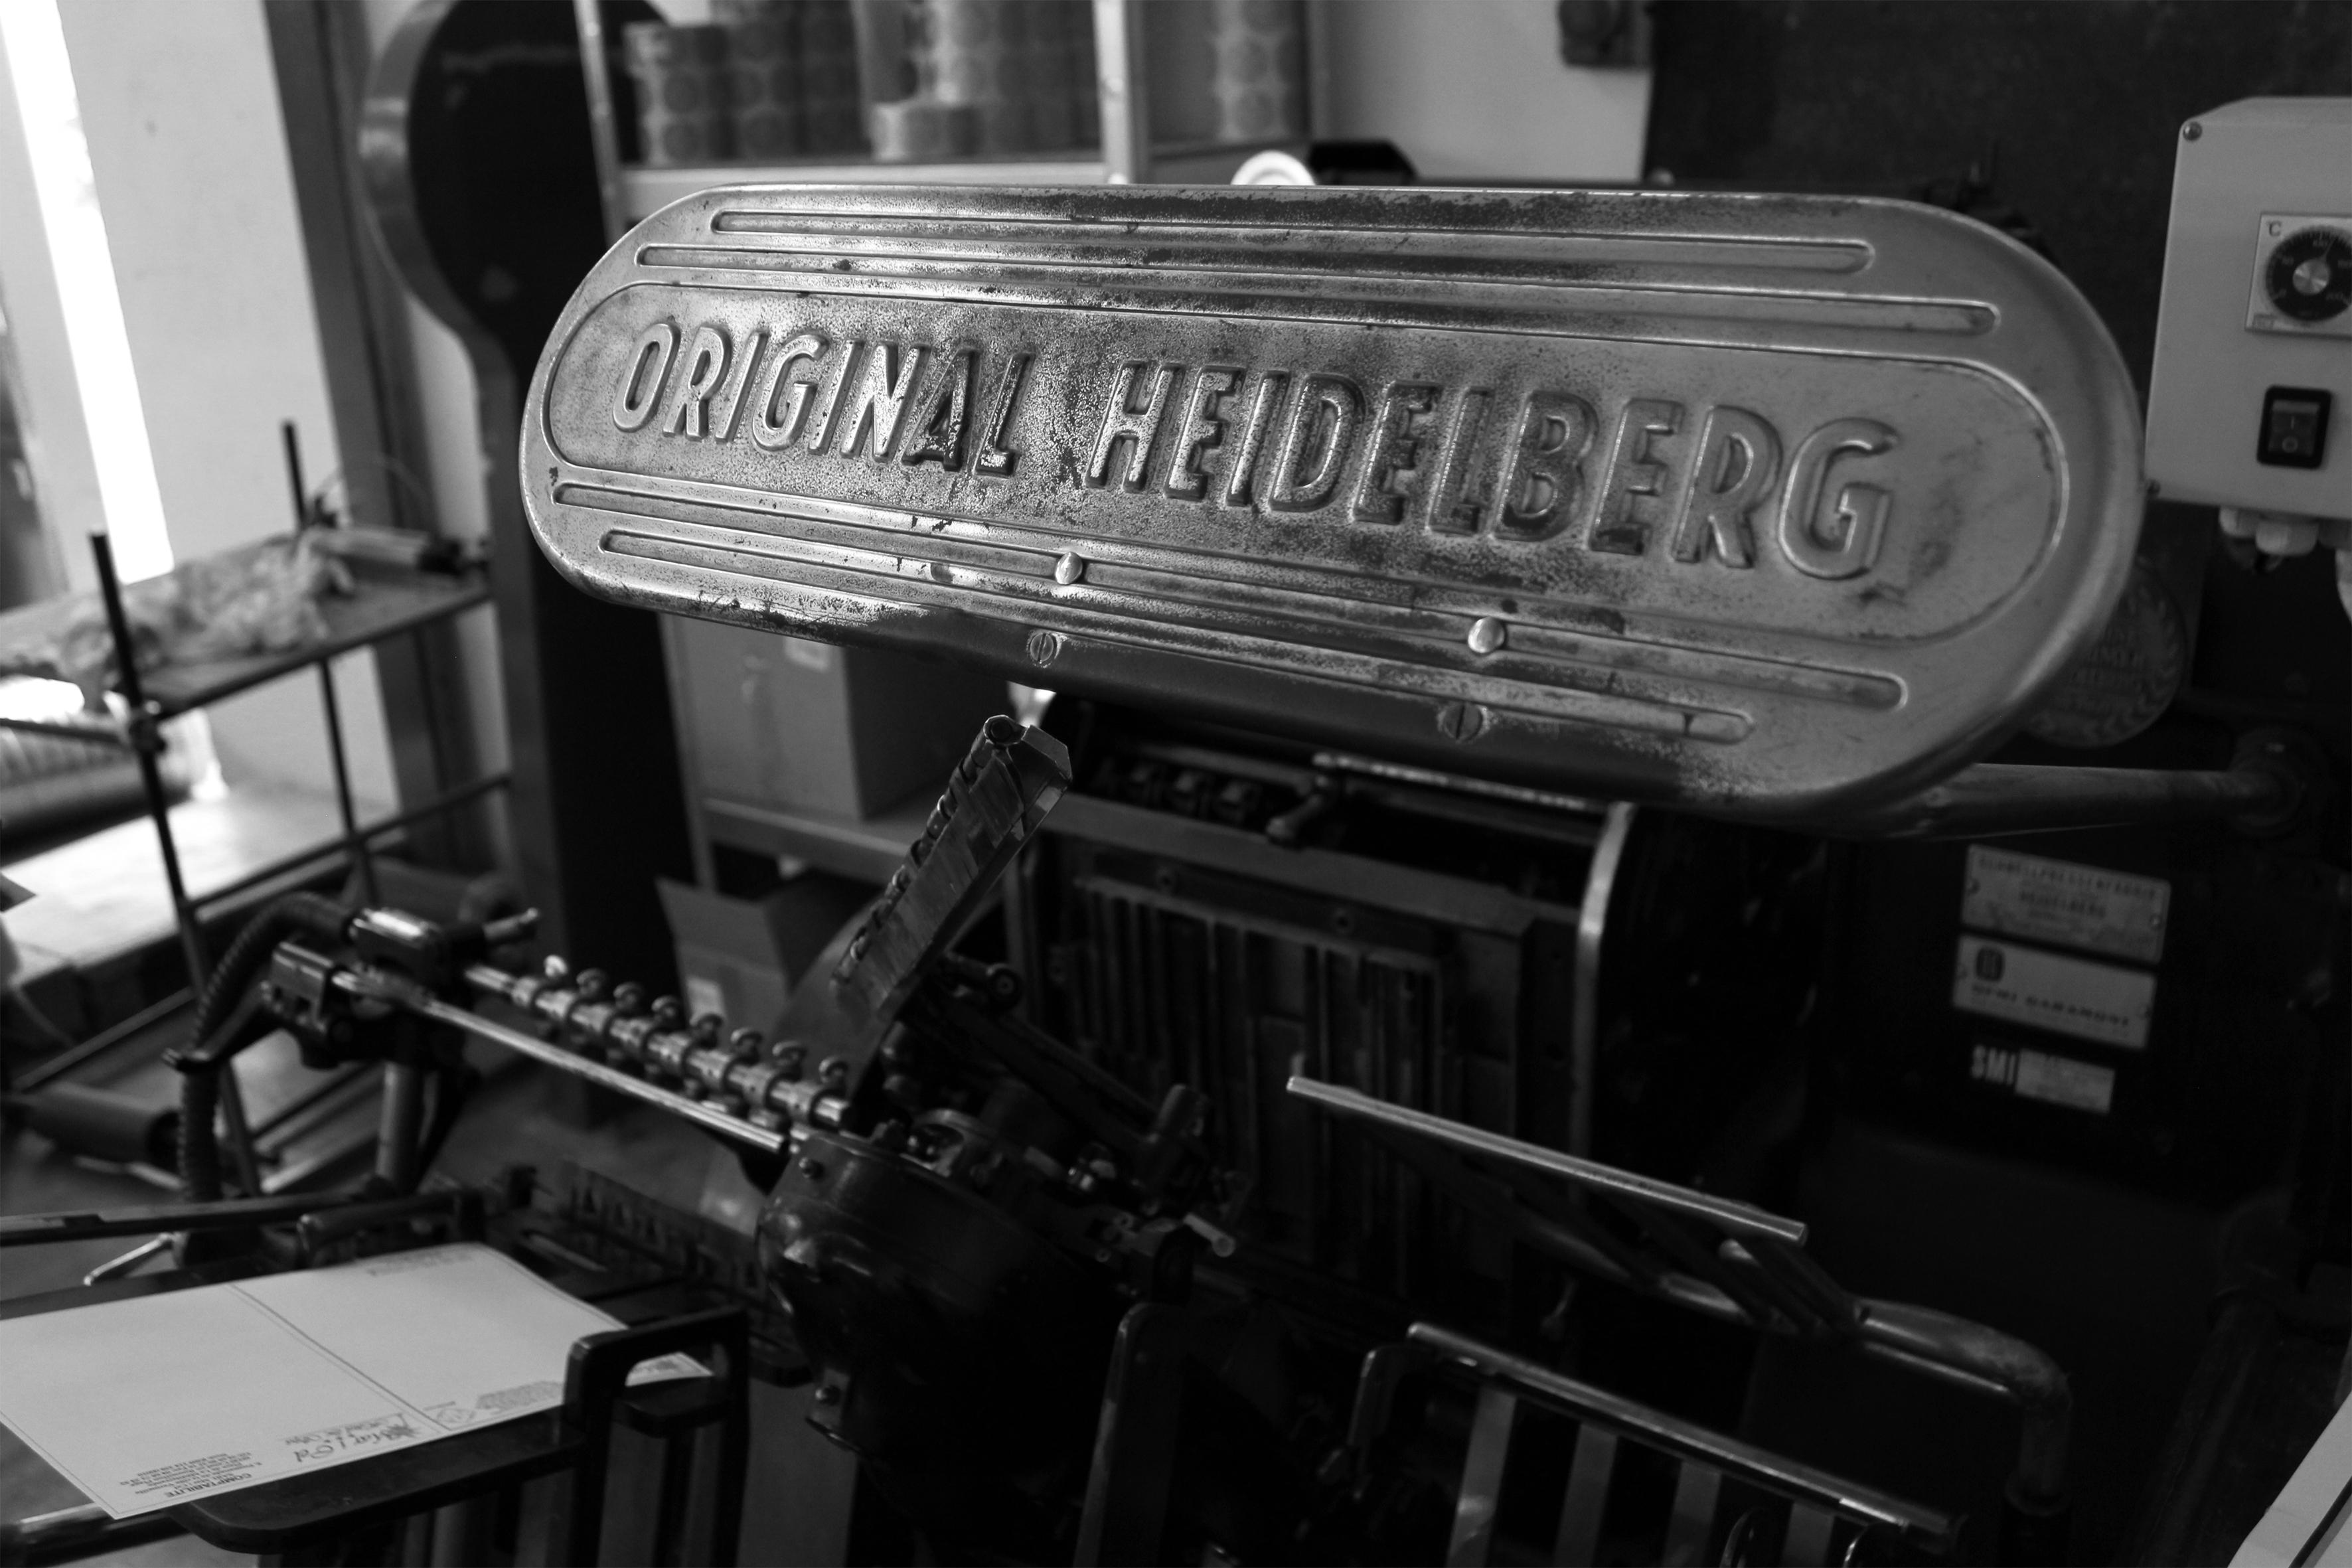 imprimerie,dubon,perpignan,66, machine,original,heidelberg